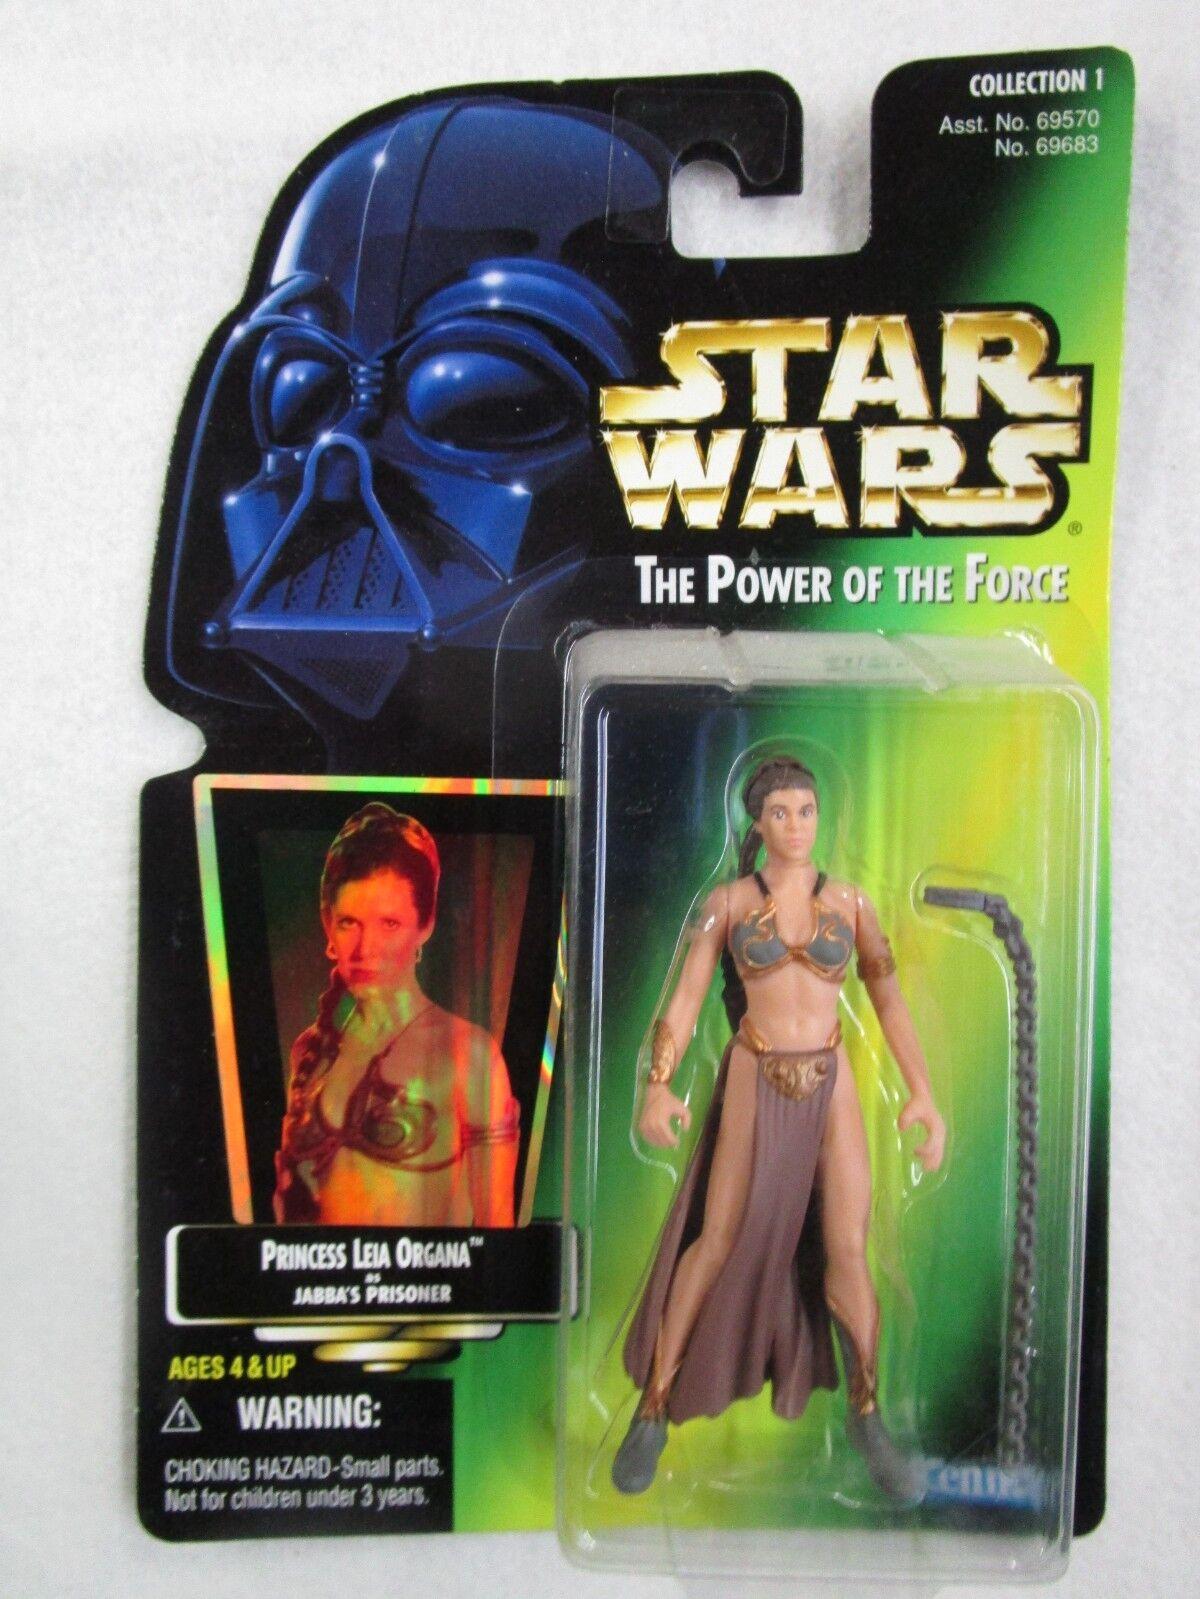 Star - wars - macht der truppe 11 abbildung Grün card sammlung 1 vollständige nib